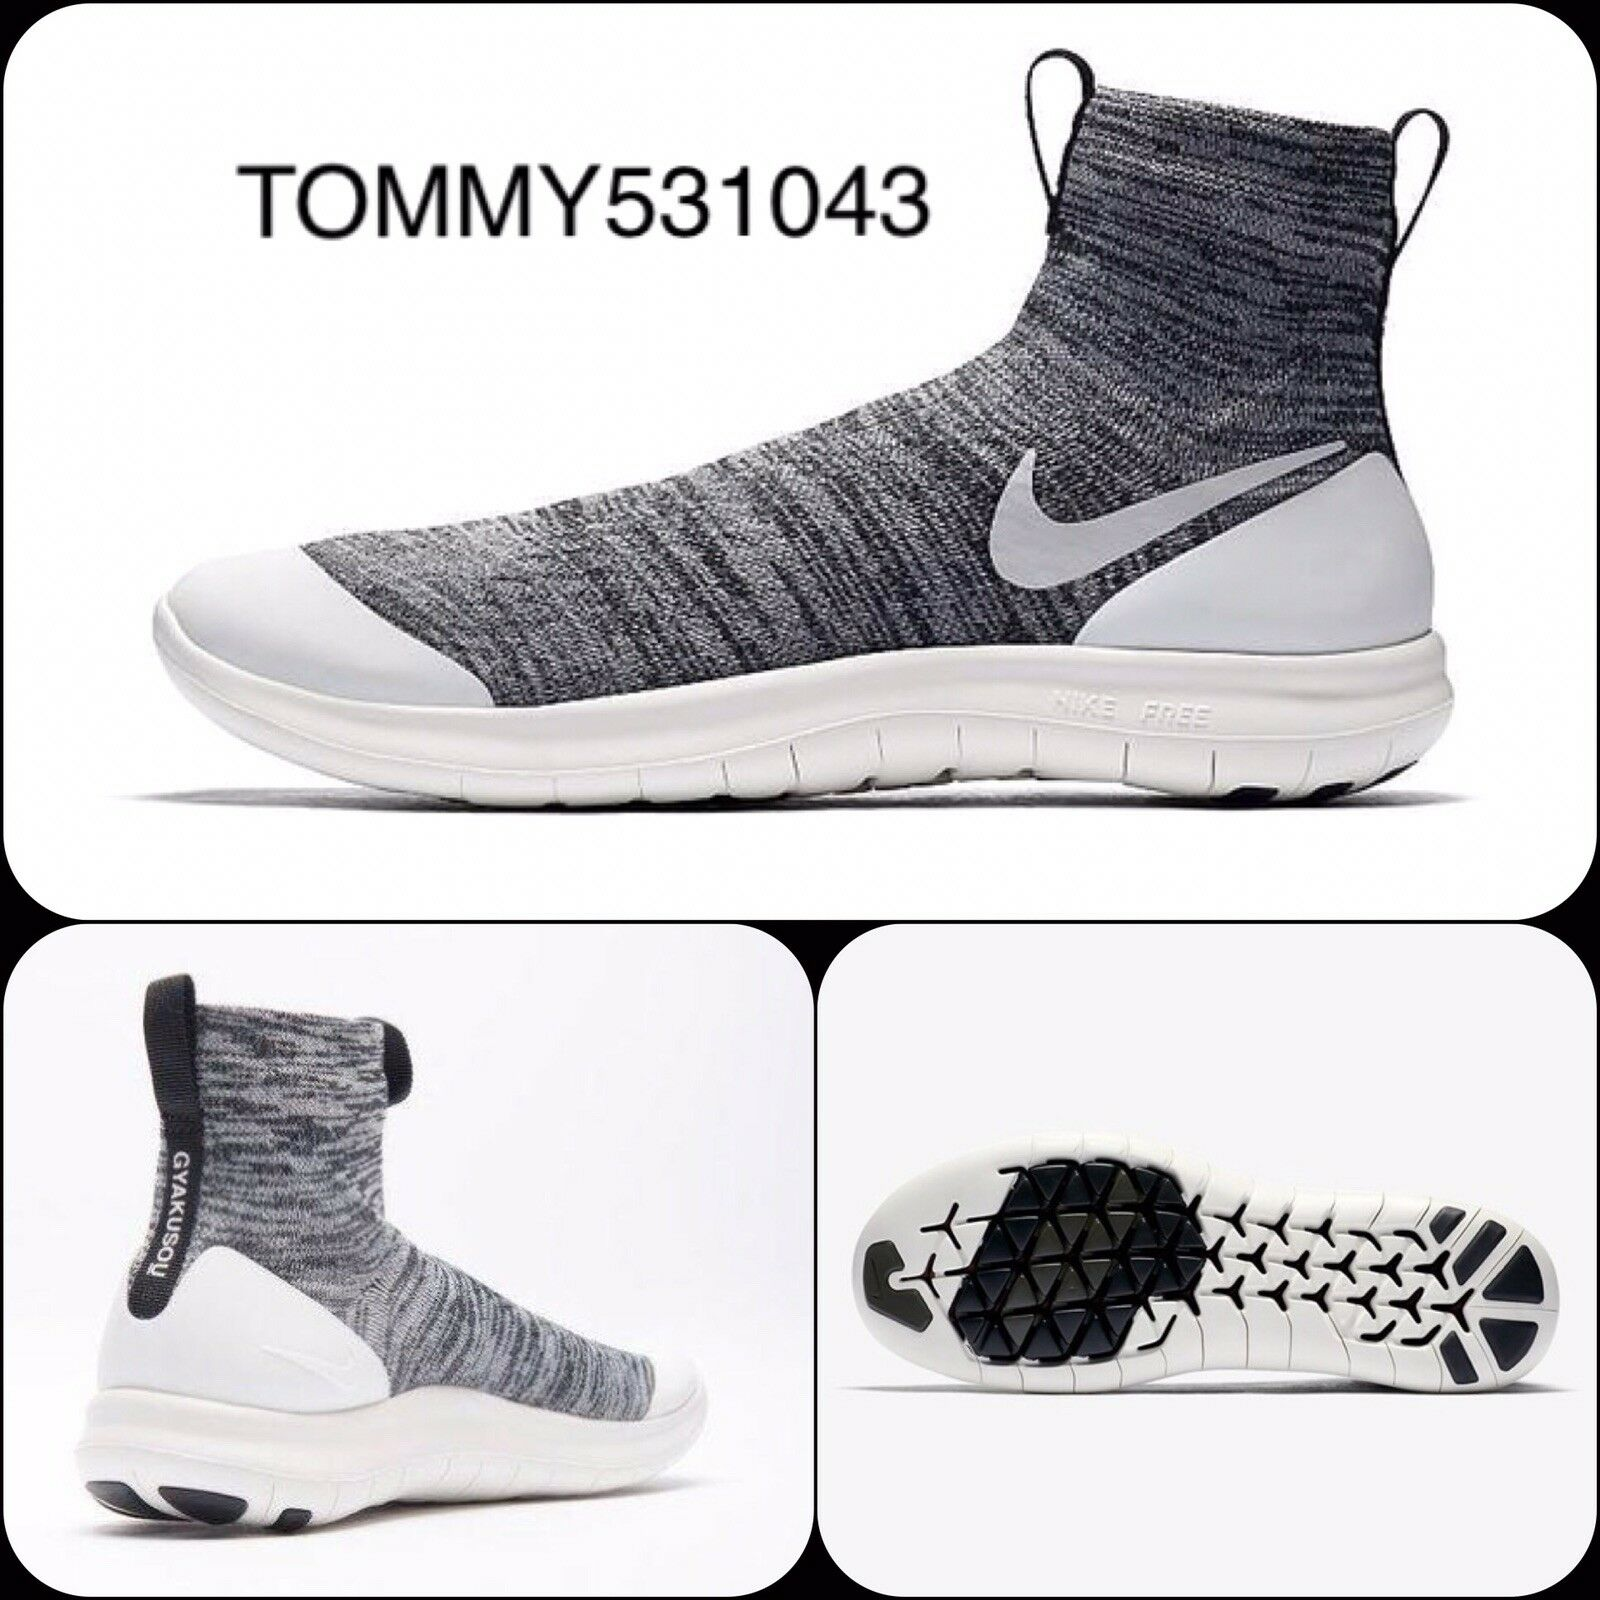 Nike NikeLab Veil Gyakusou Zapatillas   Free UK 8.5 EU 43 nos 9.5   AH2181-001